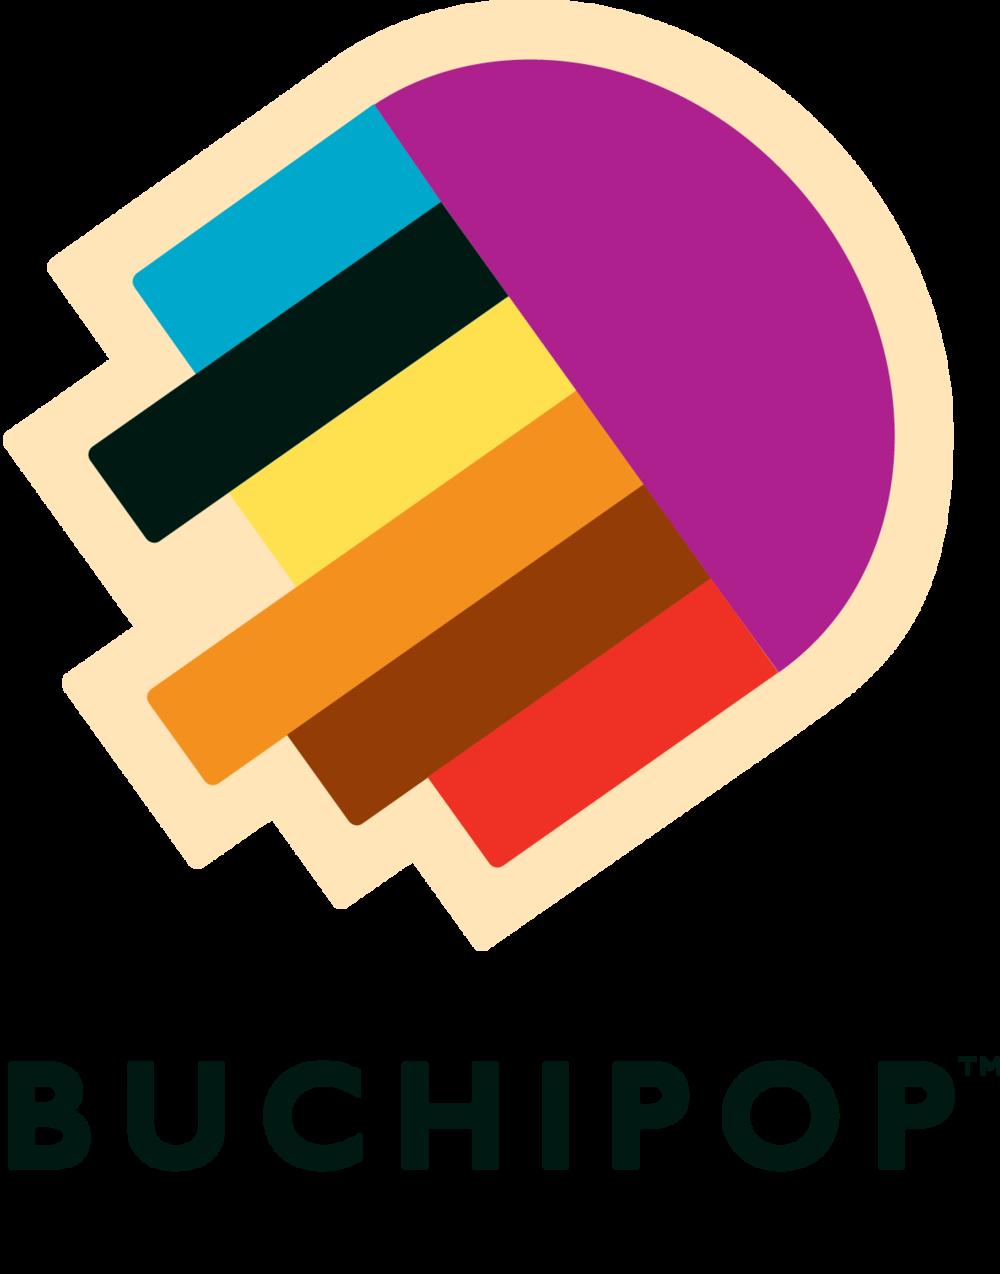 BUCHIPOP.png